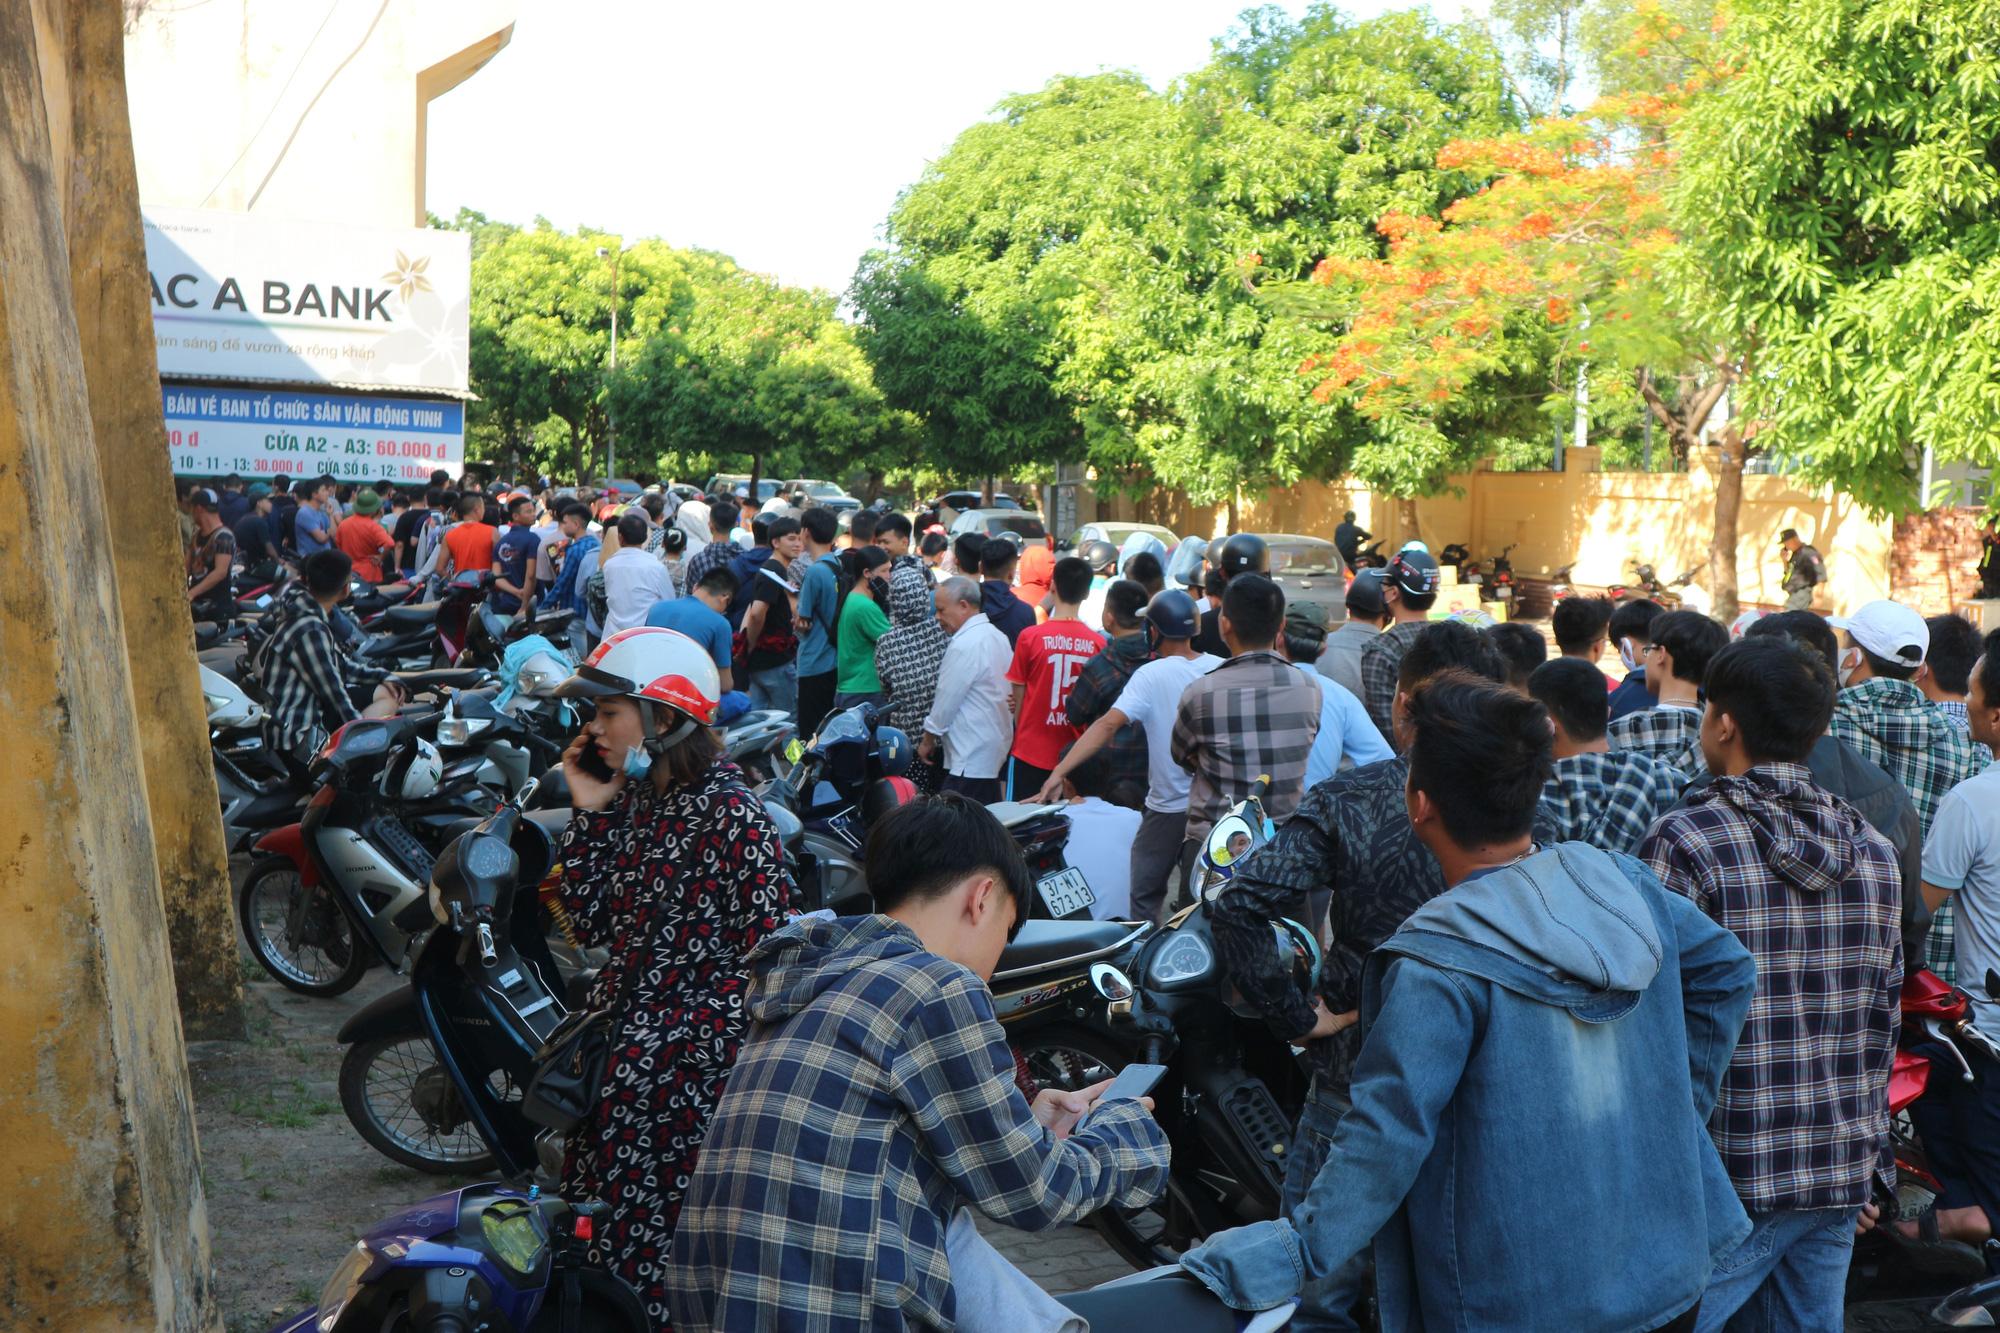 Hàng ngàn cổ động viên xứ Nghệ chen chân mua vé vào sân Vinh - Ảnh 2.